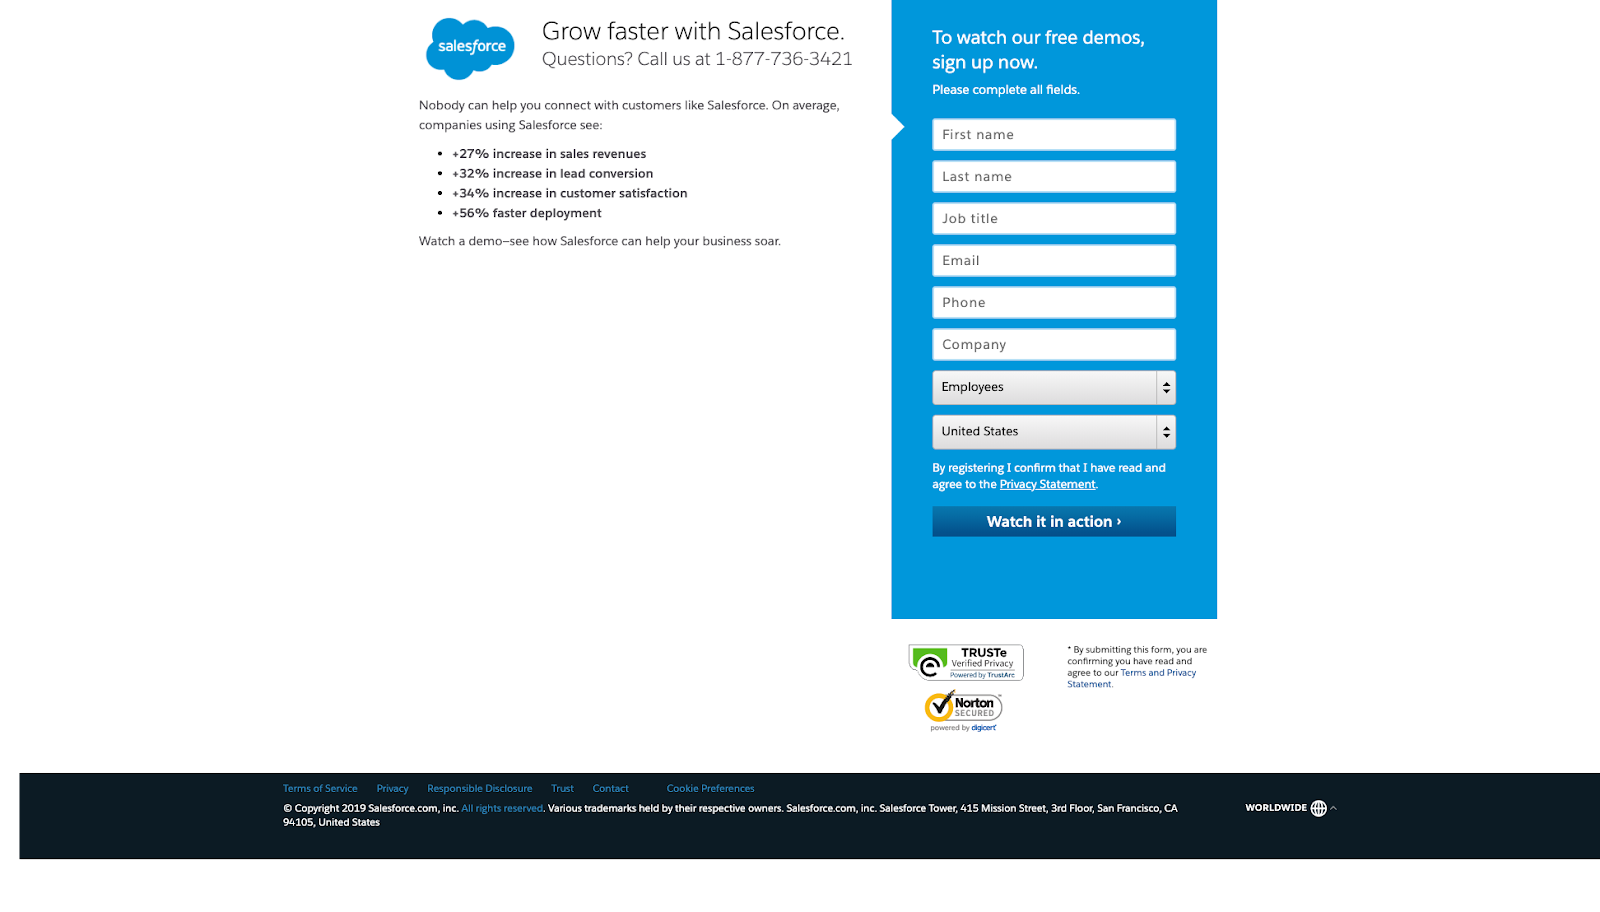 Salesforce personalization strategy